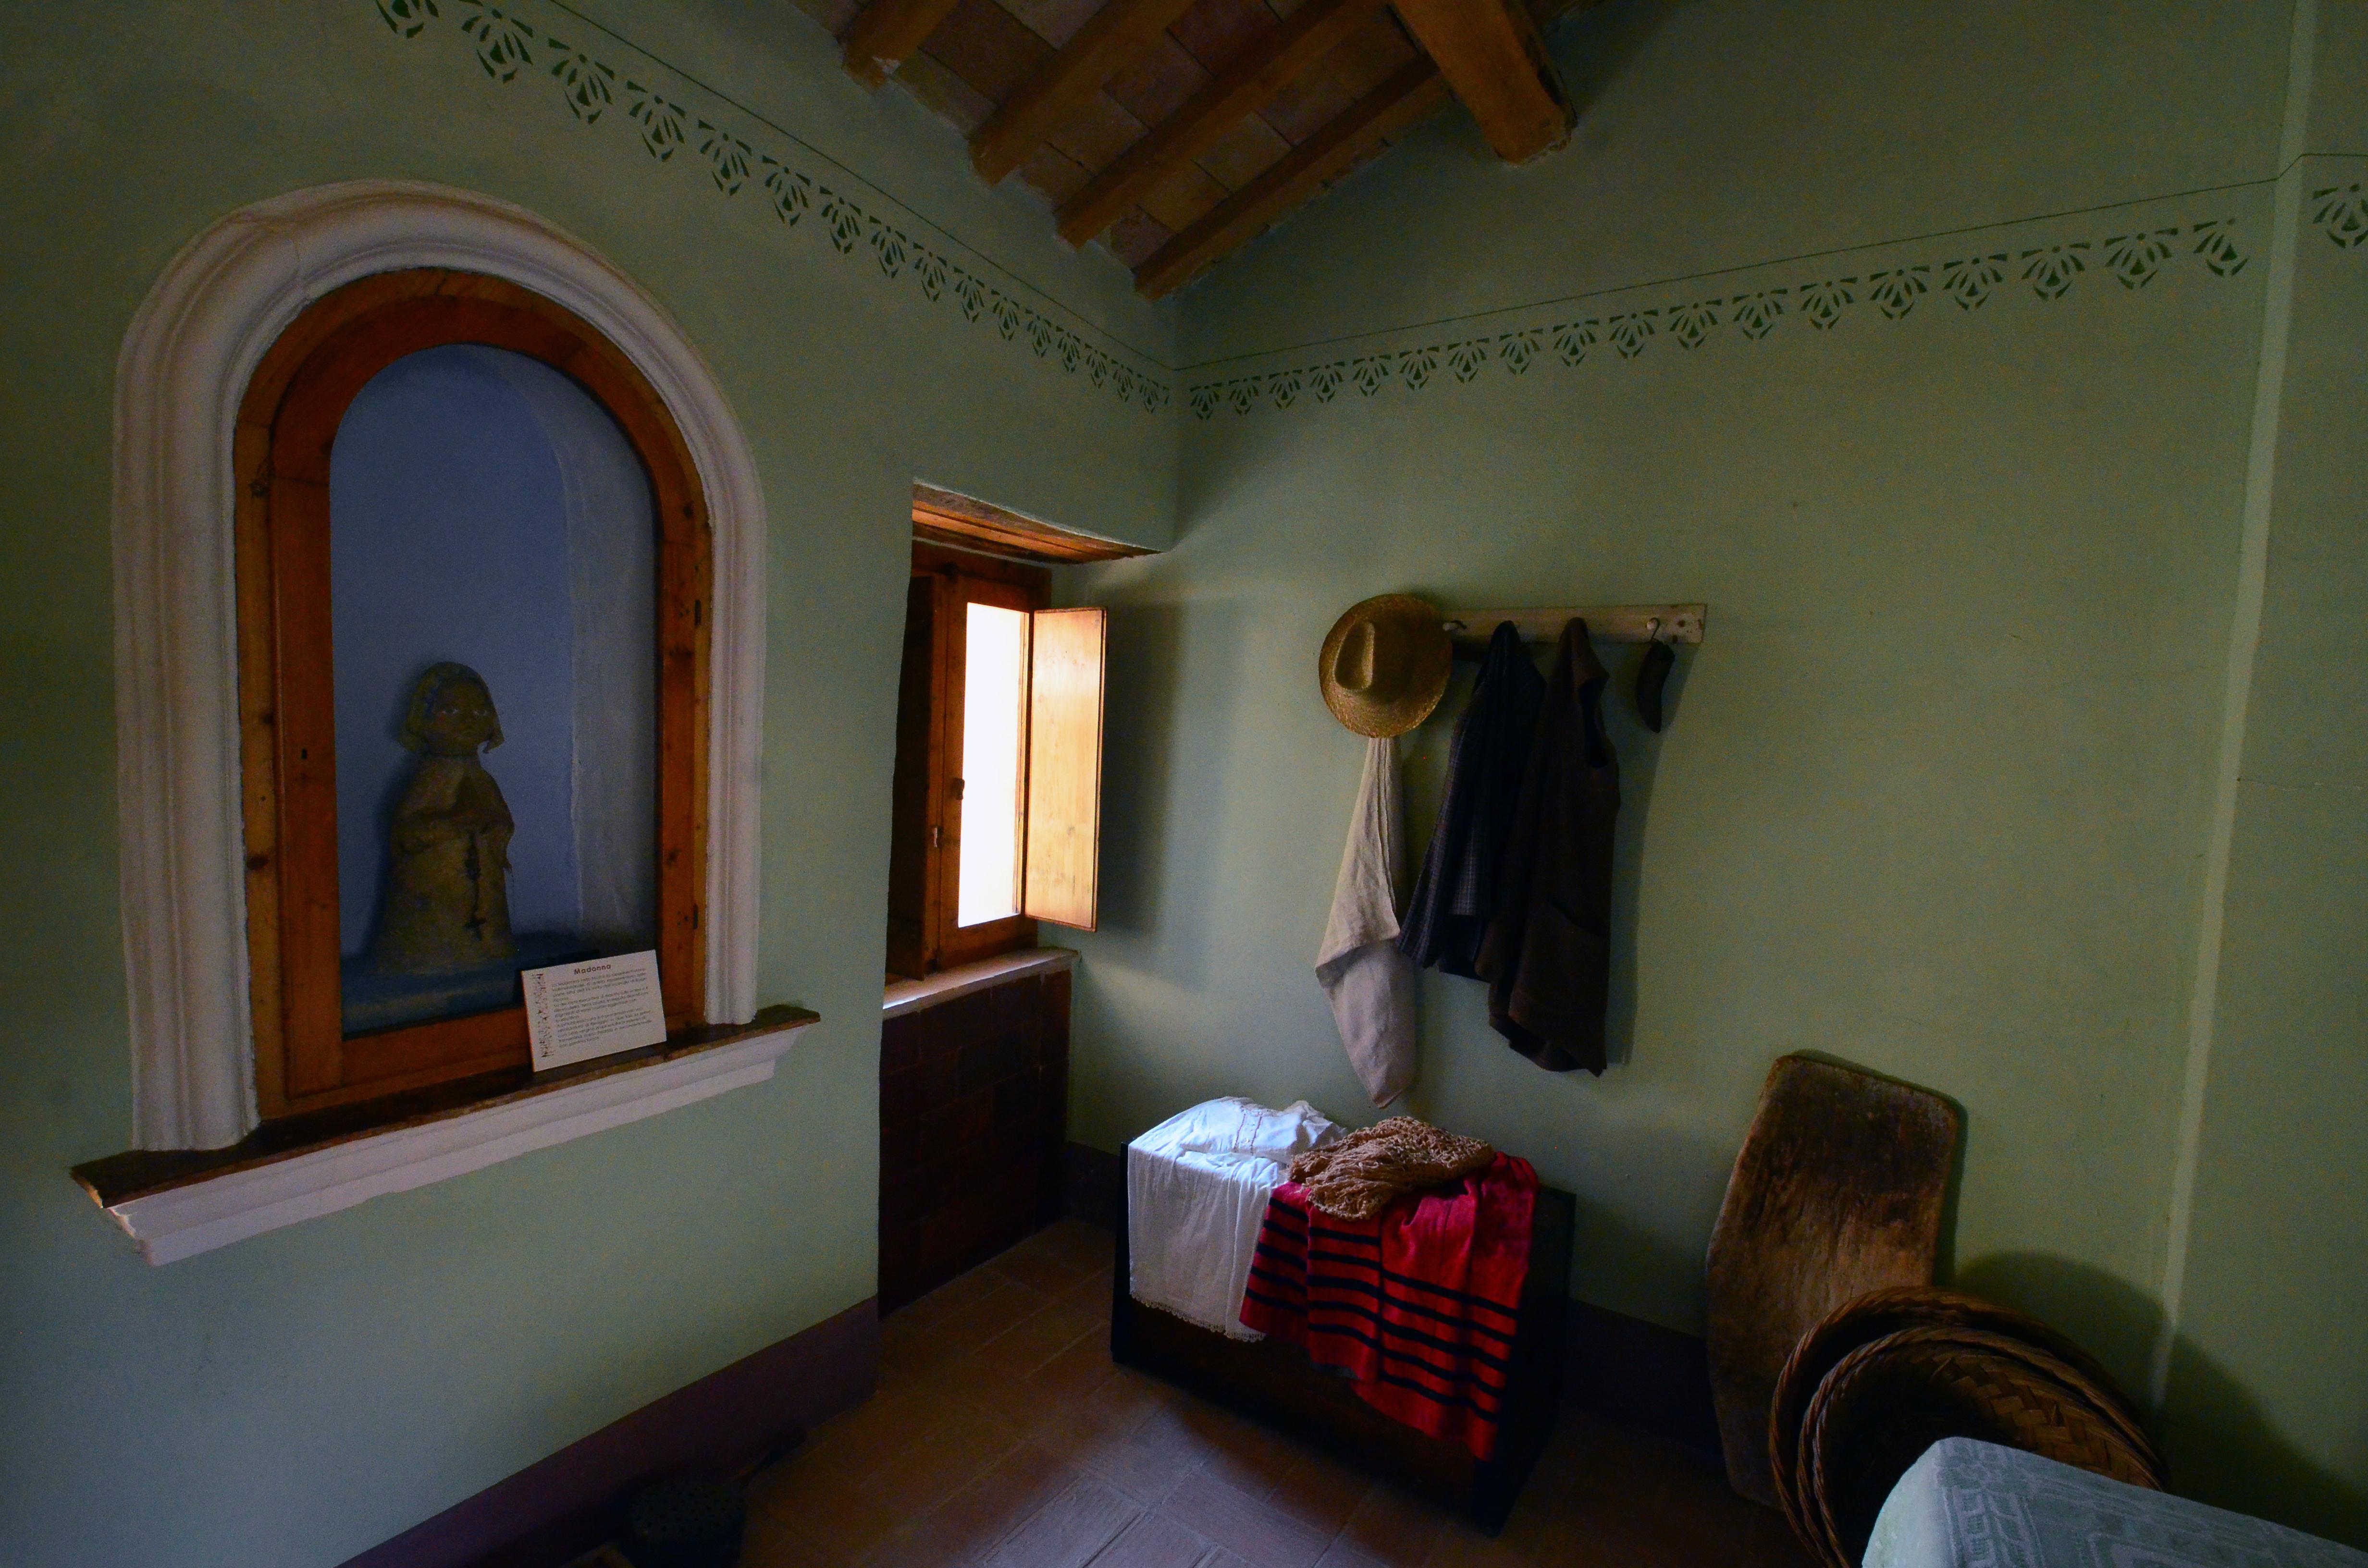 File:Casa museo - particolare della camera da letto.jpg - Wikimedia ...